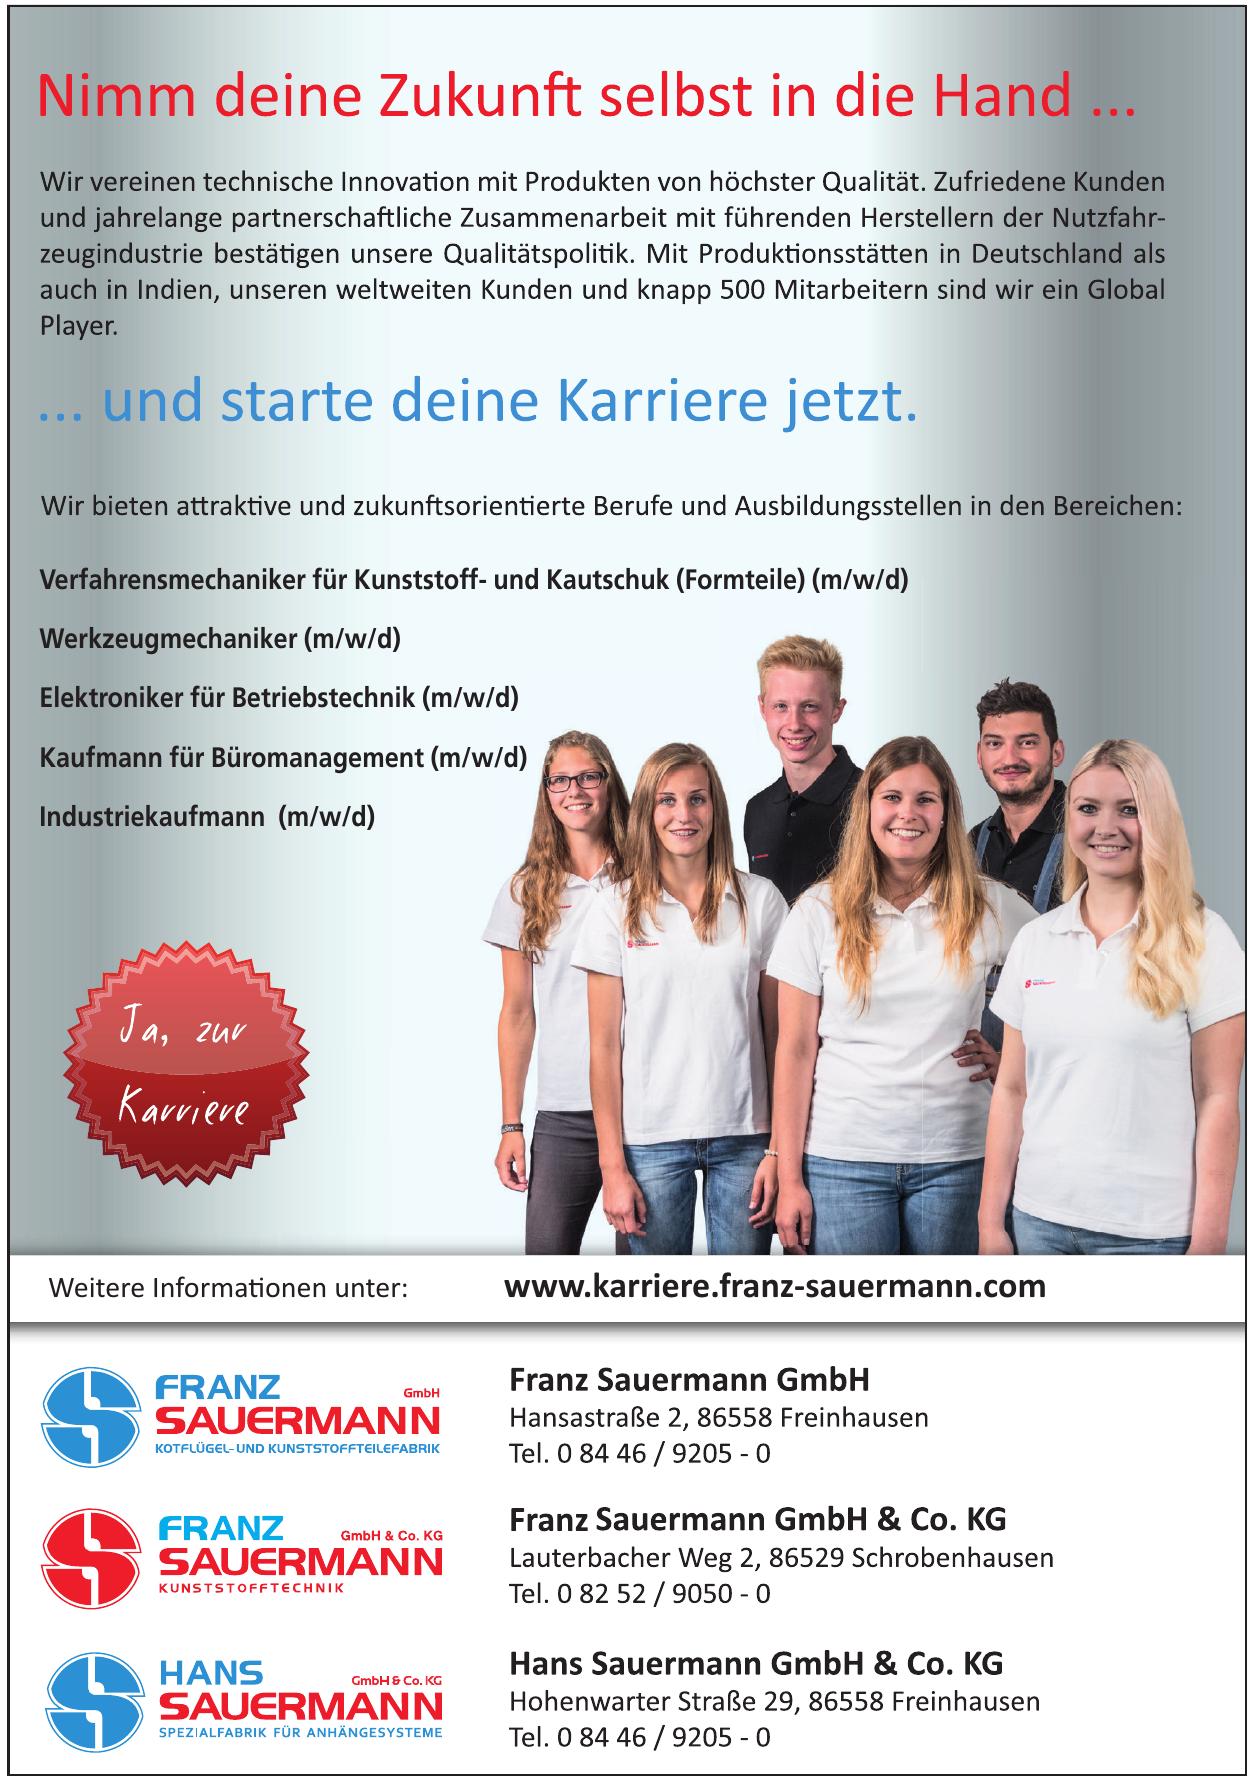 Franz Sauermann GmbH